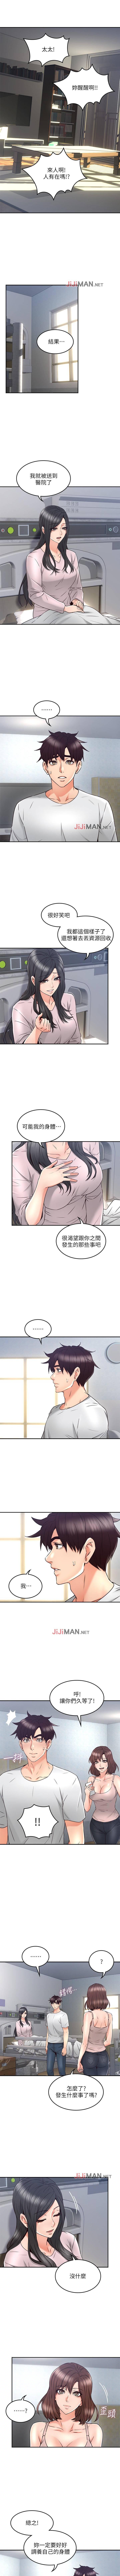 【周六更新】邻居人妻(作者:李周元 & 頸枕) 第1~50话 206